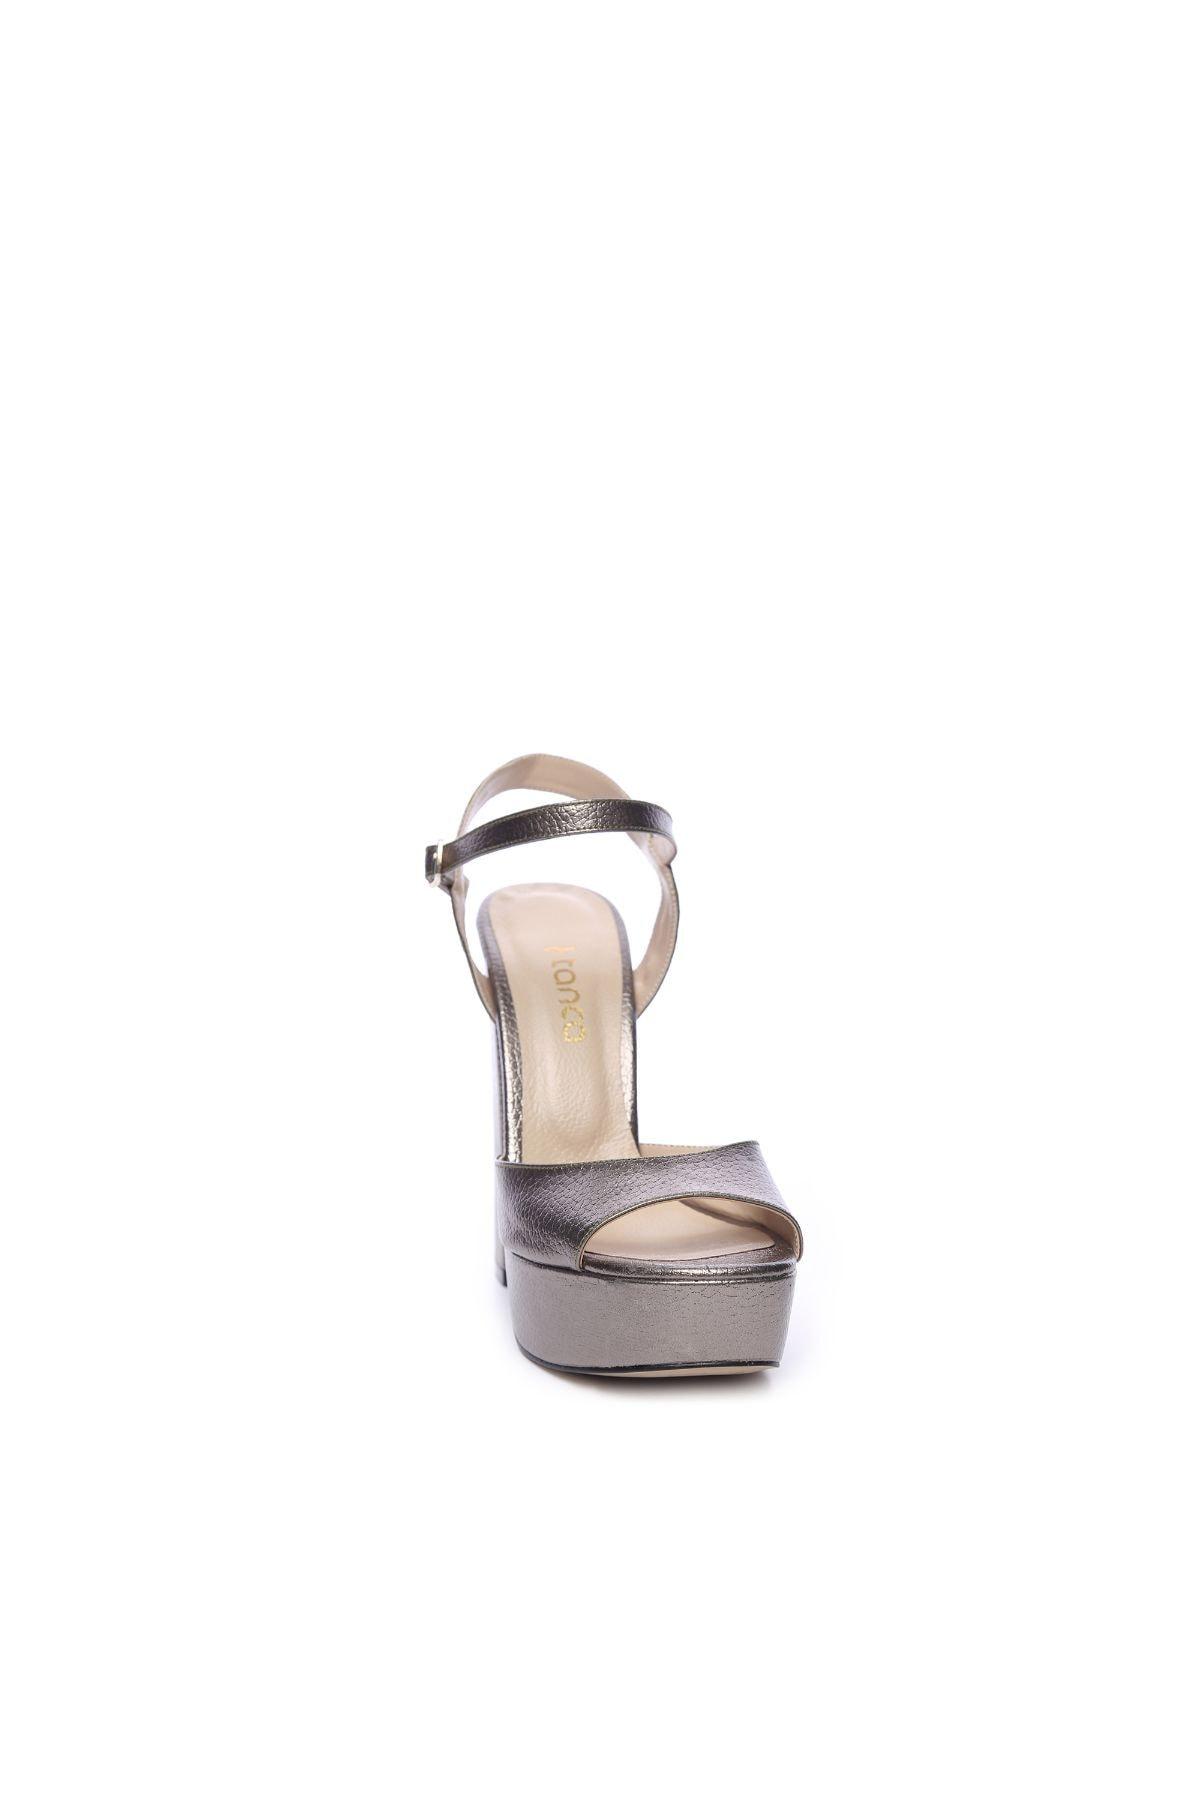 KEMAL TANCA Kadın Derı Topuklu Ayakkabı 539 3104 BN AYK 2